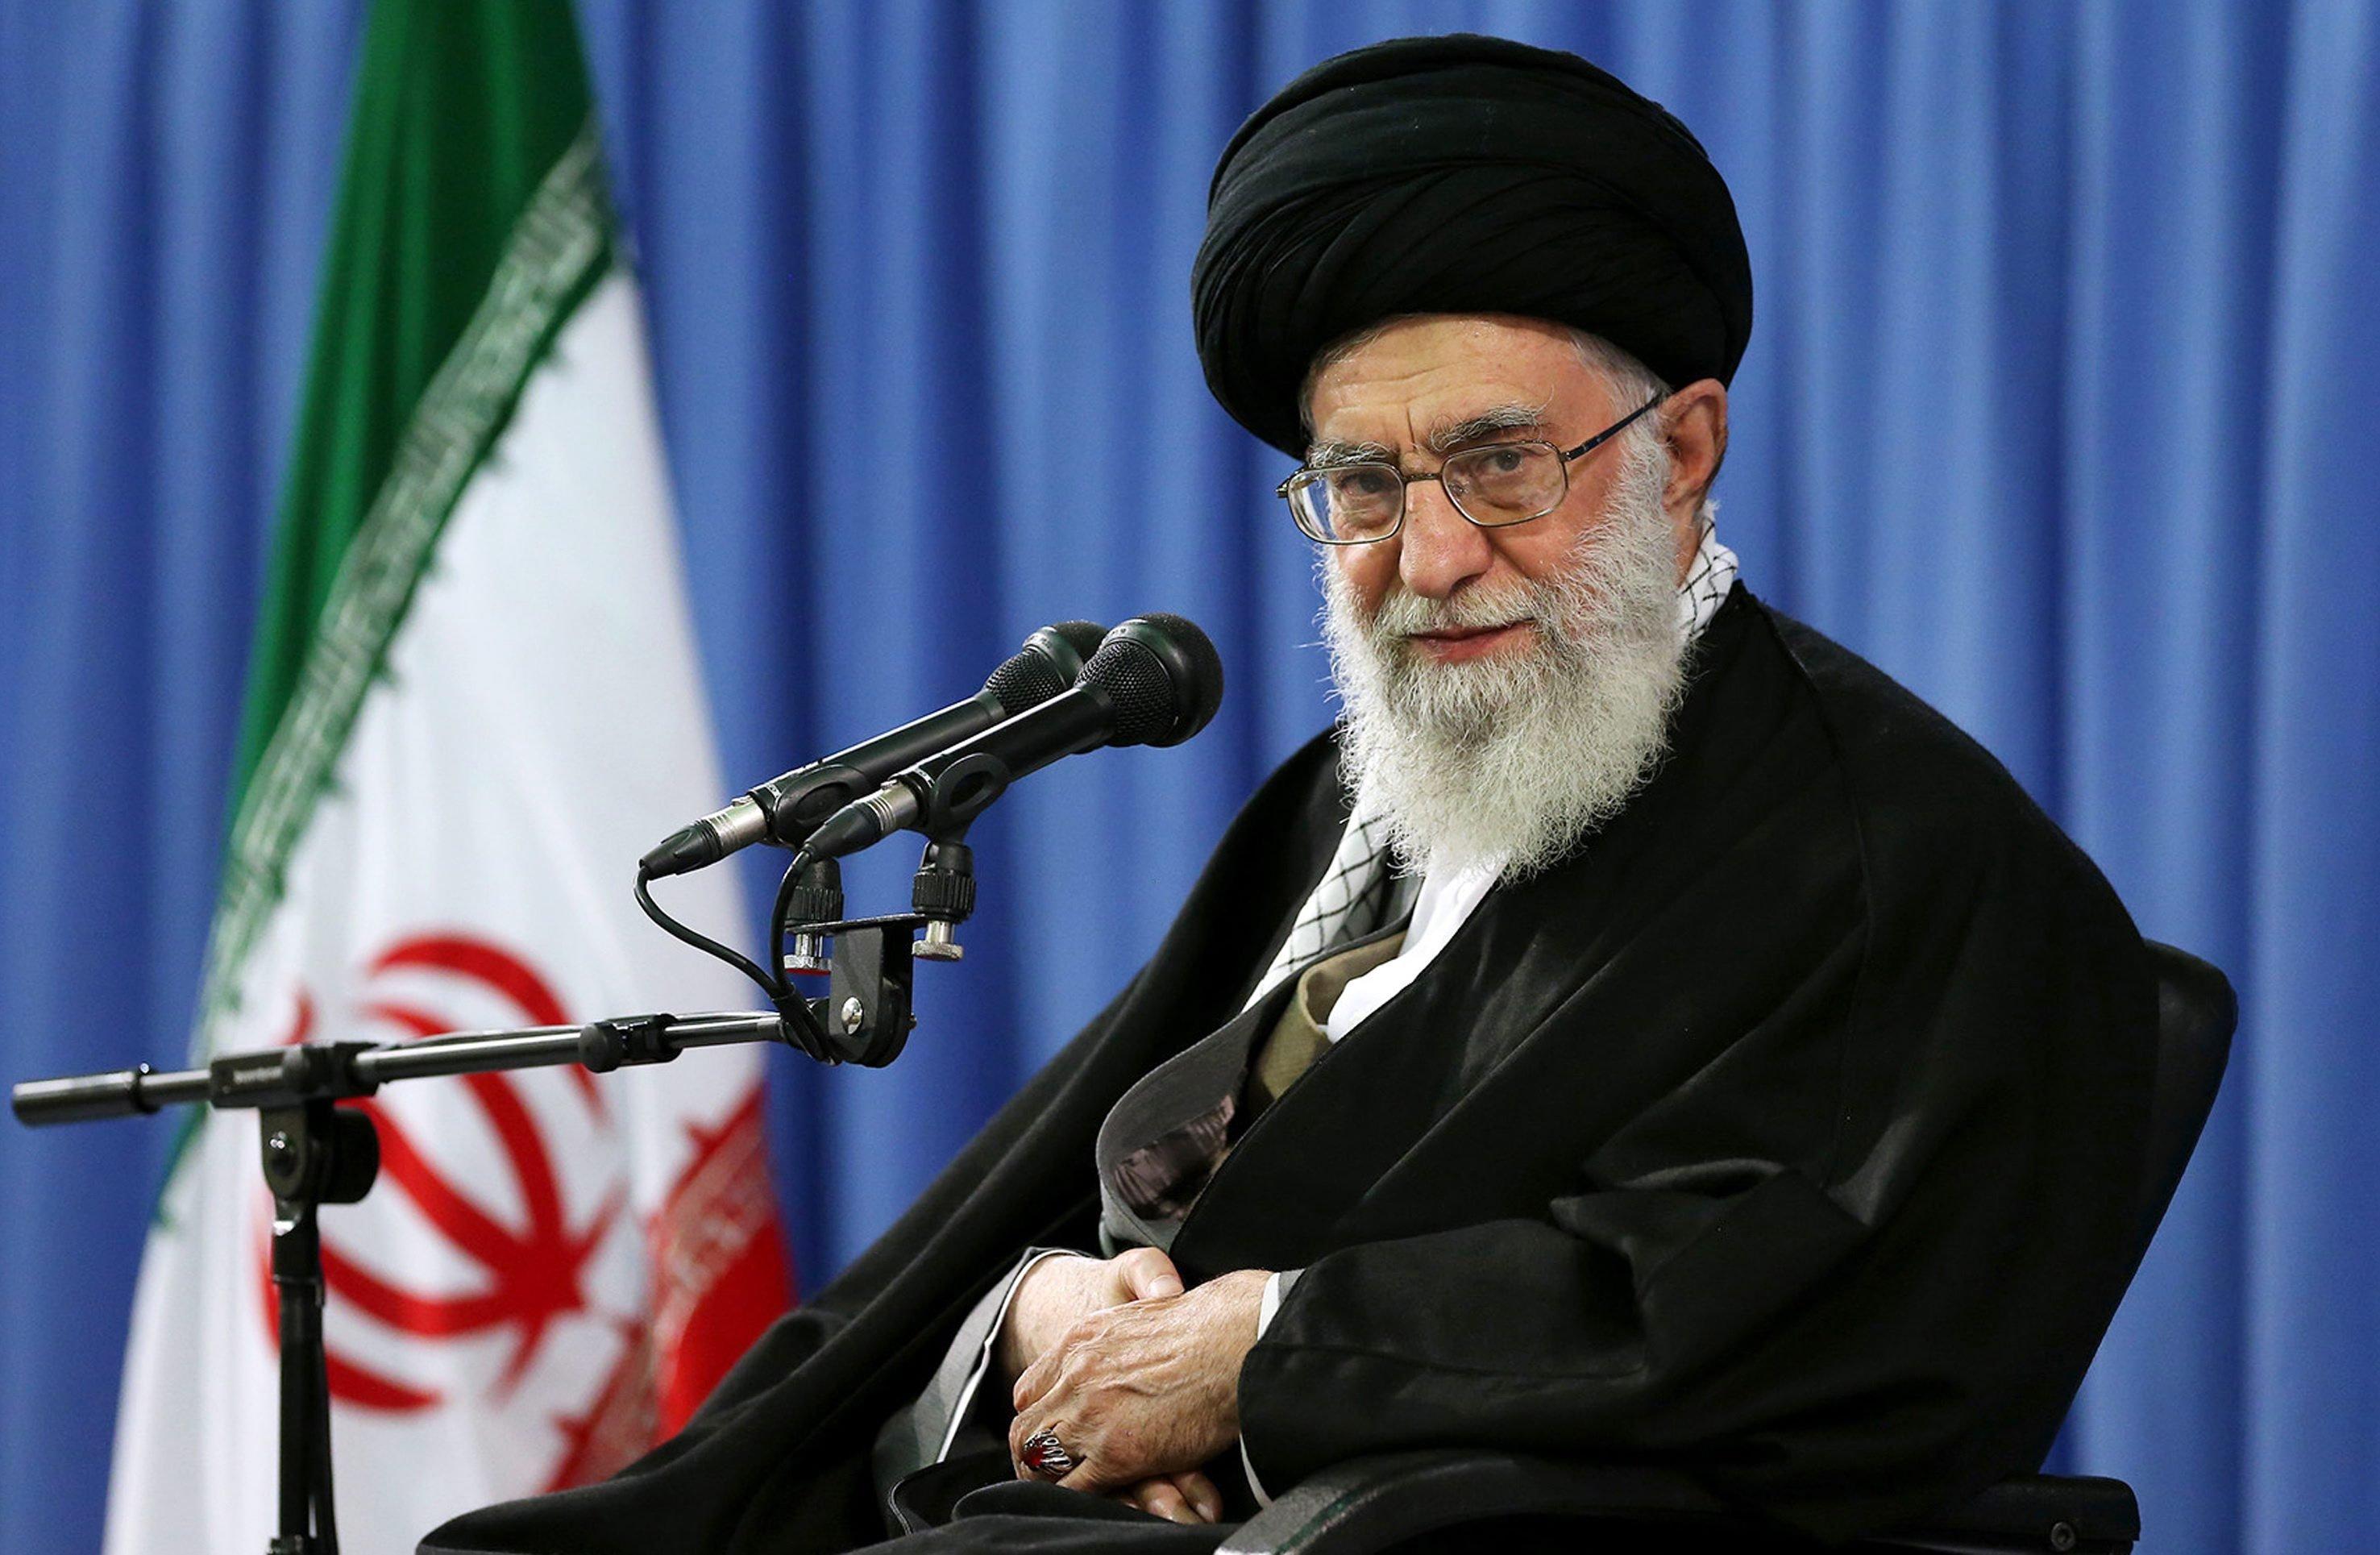 İran Dini Lideri Hamaney: 'Çözülemeyecek Ekonomik Sorun Yok'